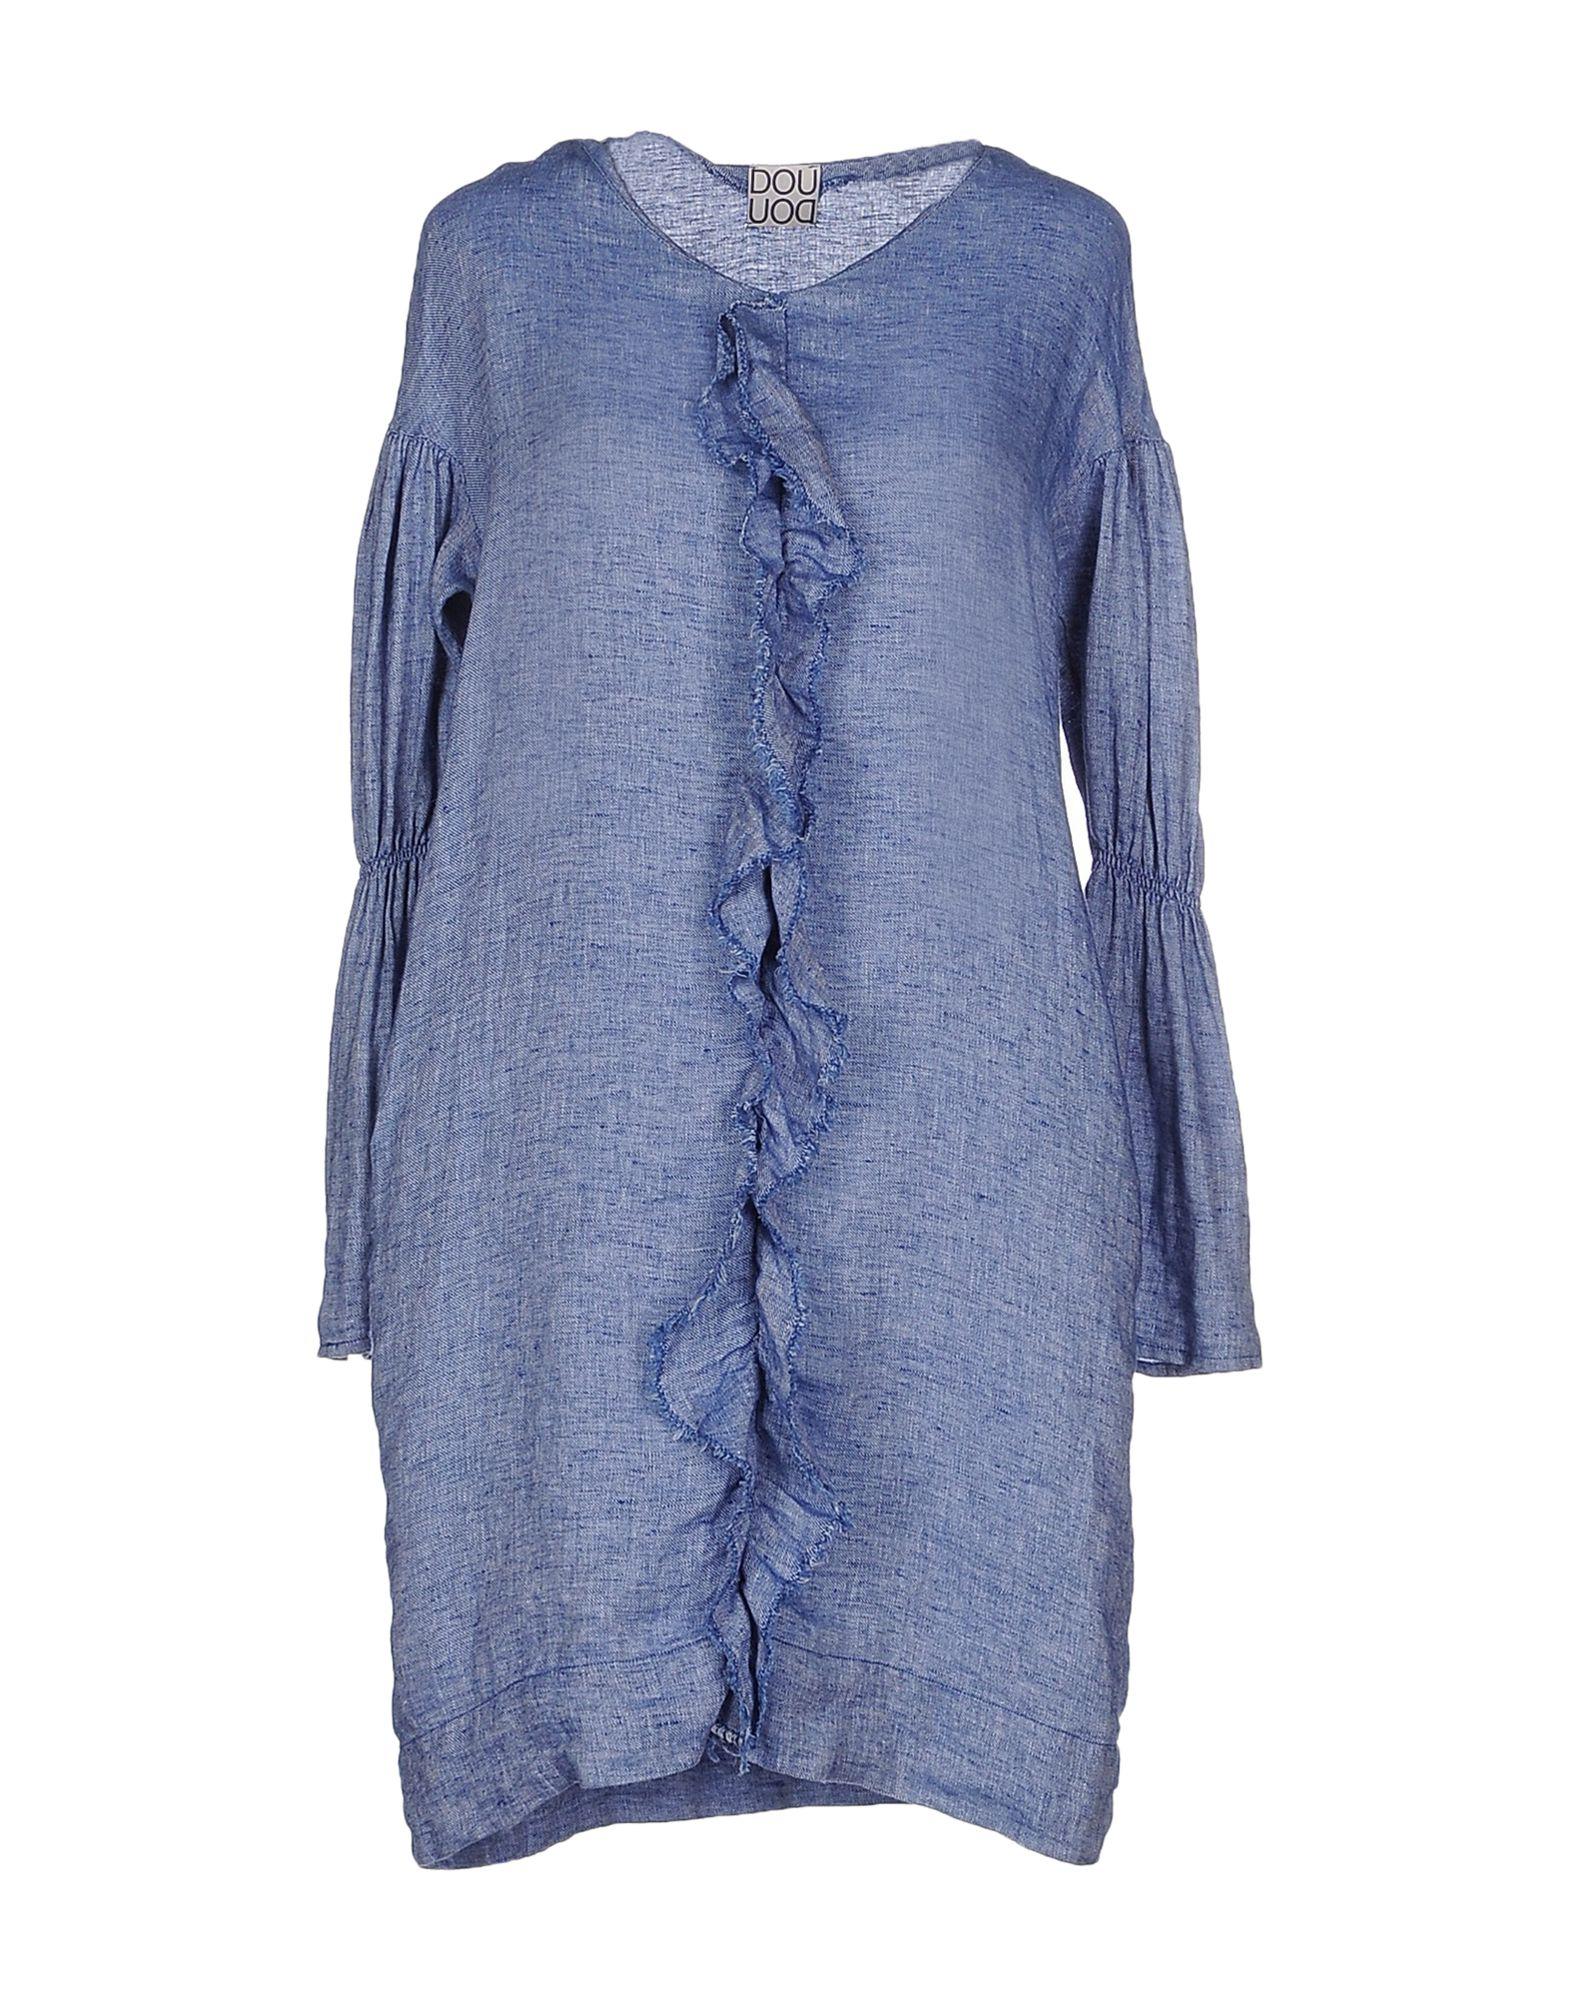 DOUUOD Short Dress in Blue